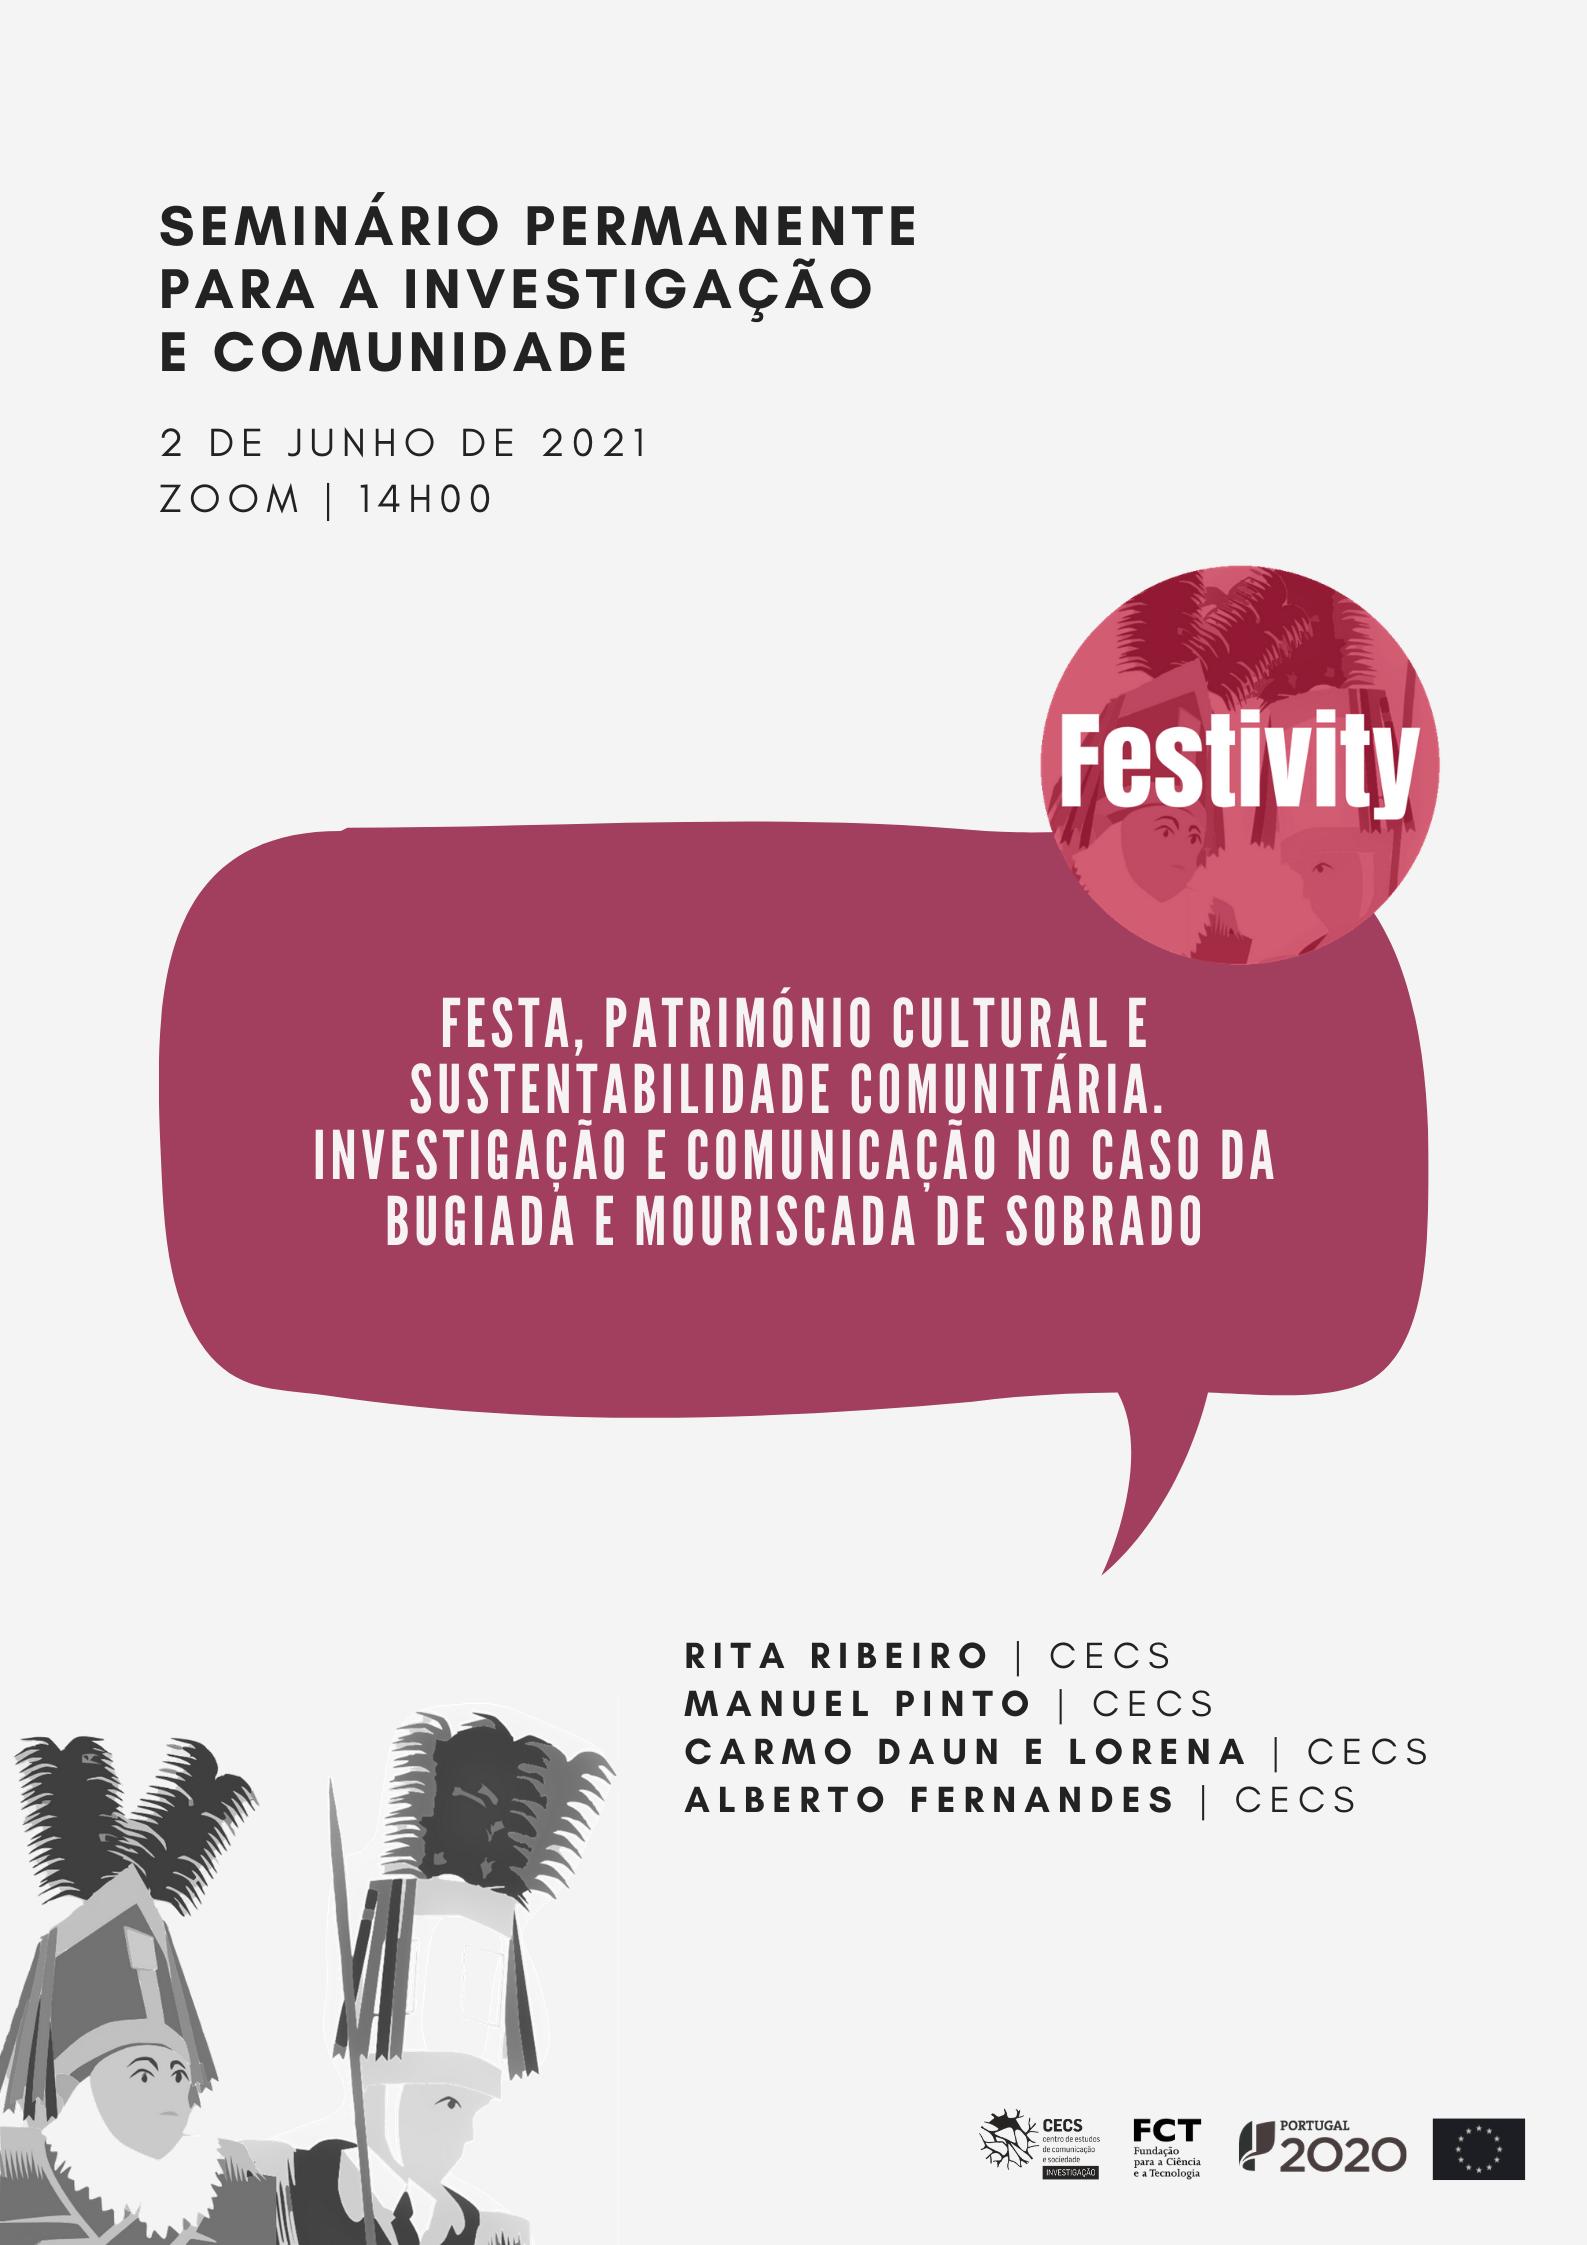 Seminário Permanente para a Investigação e Comunidade sobre projeto Festivity